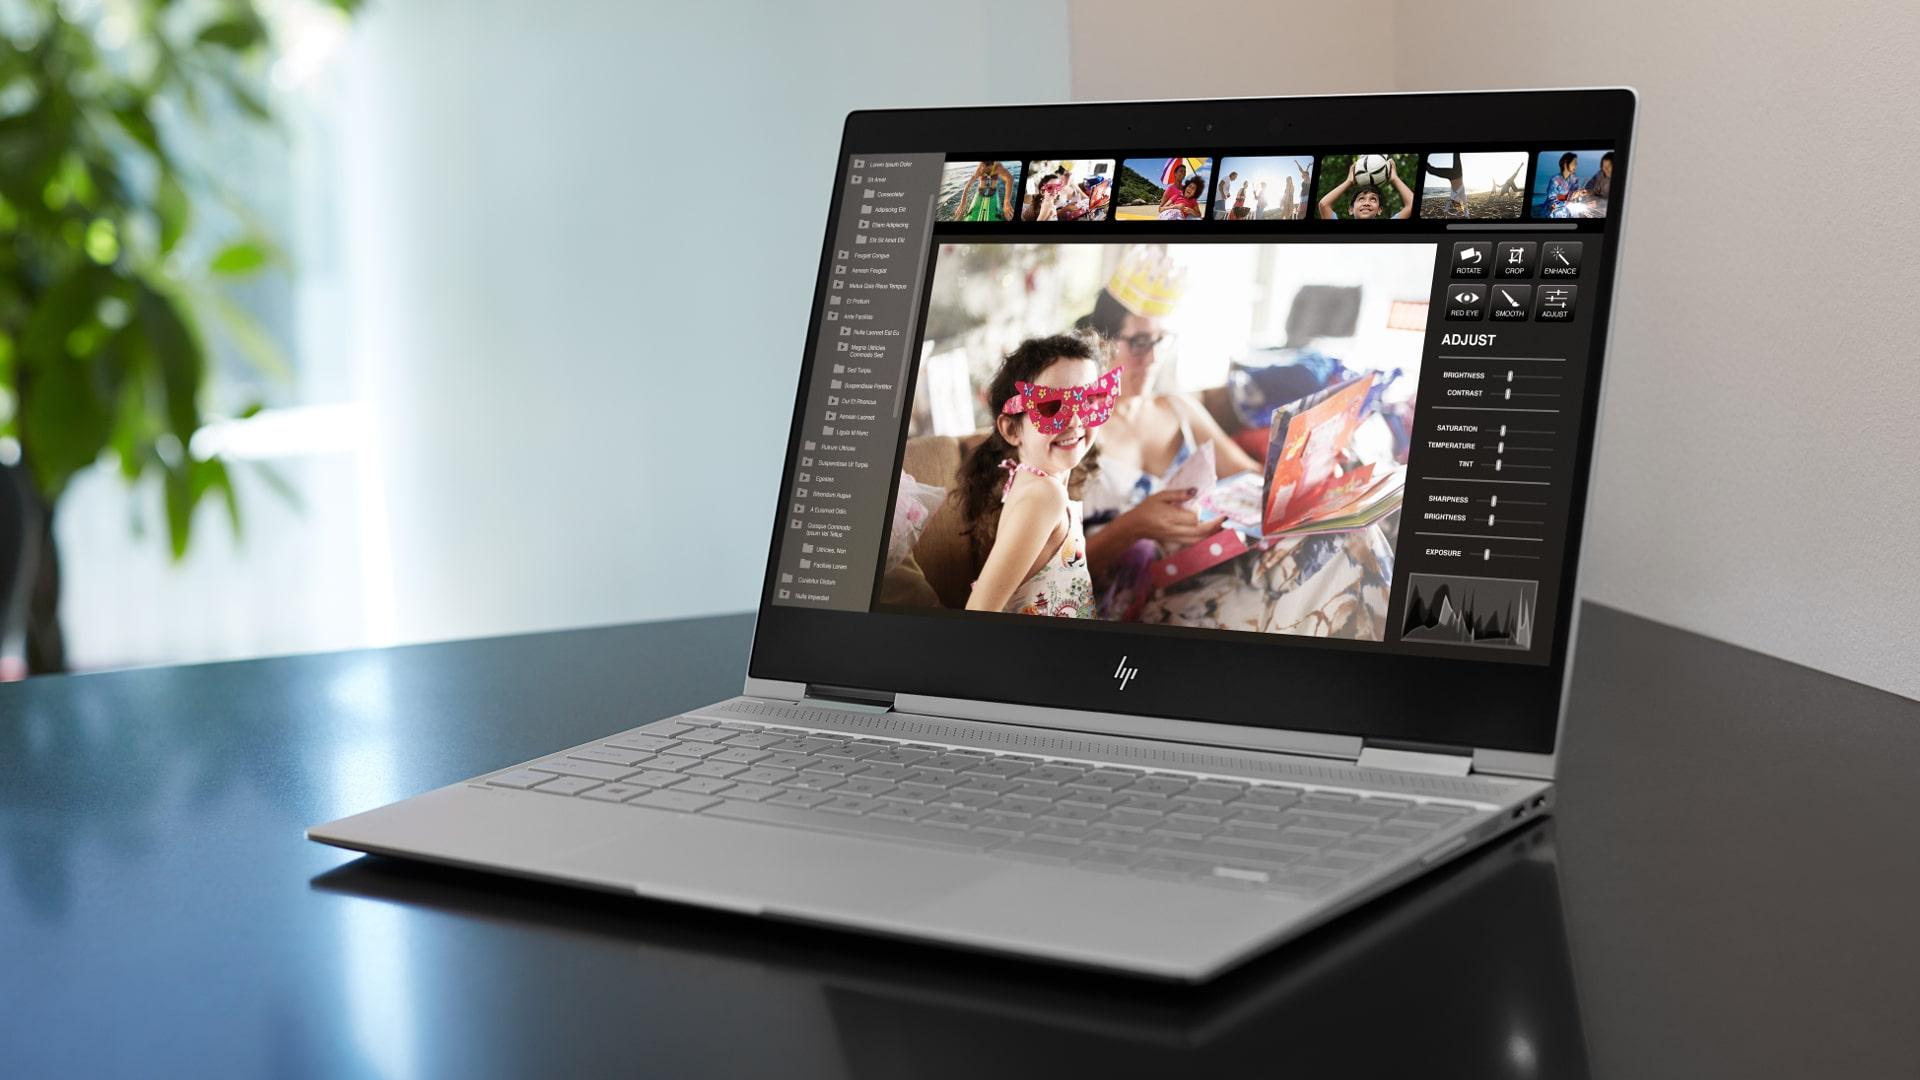 Beste 2 in 1 laptop voor fotobewerking - Top 5 keuzes